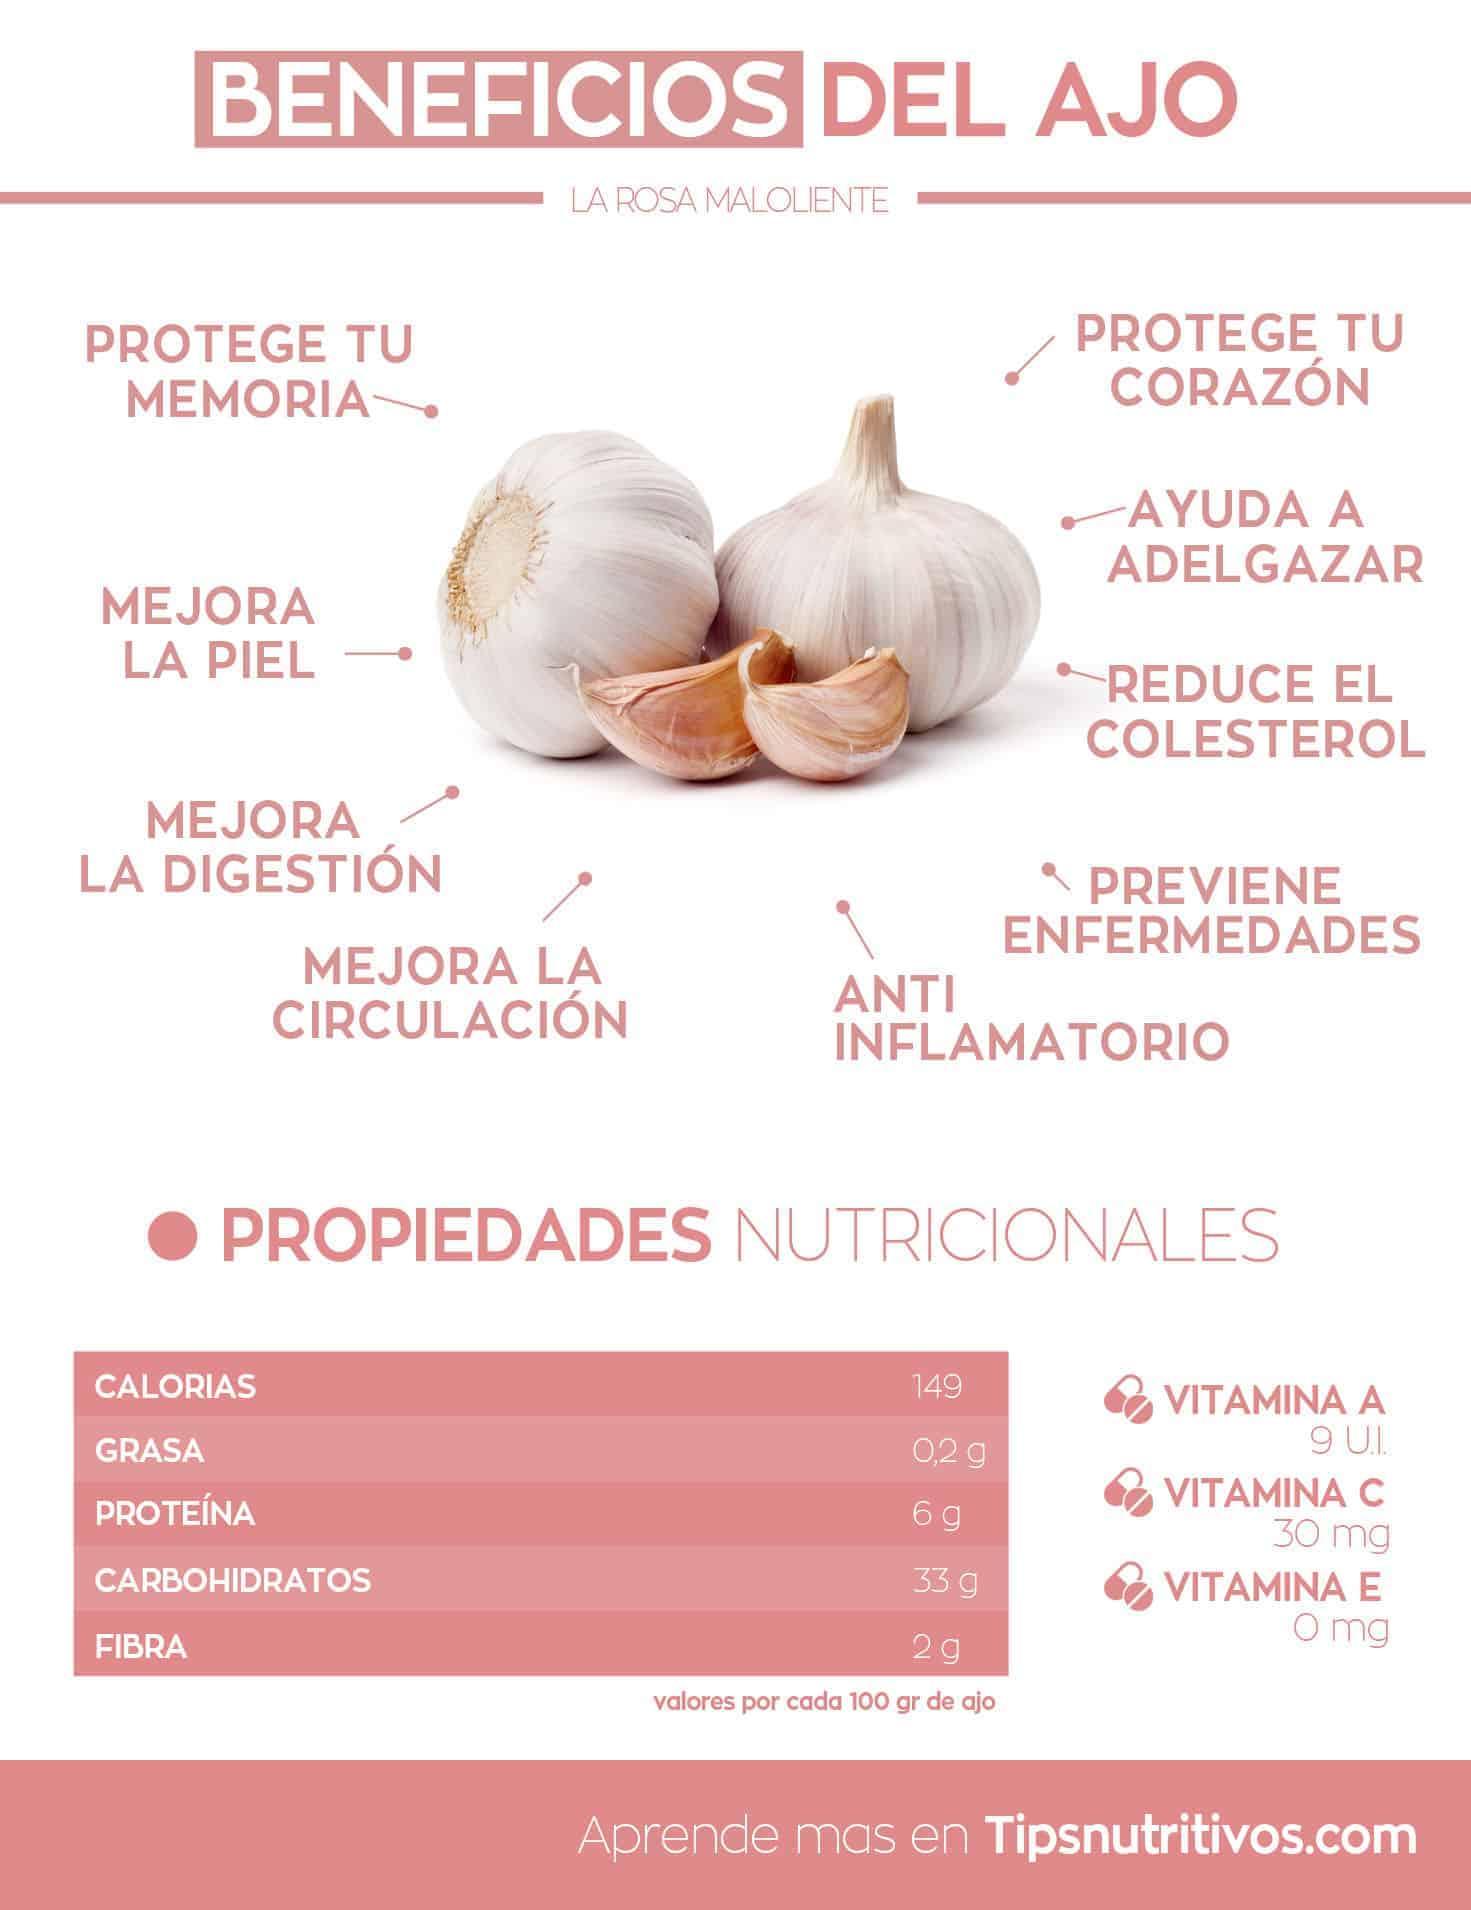 Beneficios del ajo - Infografia